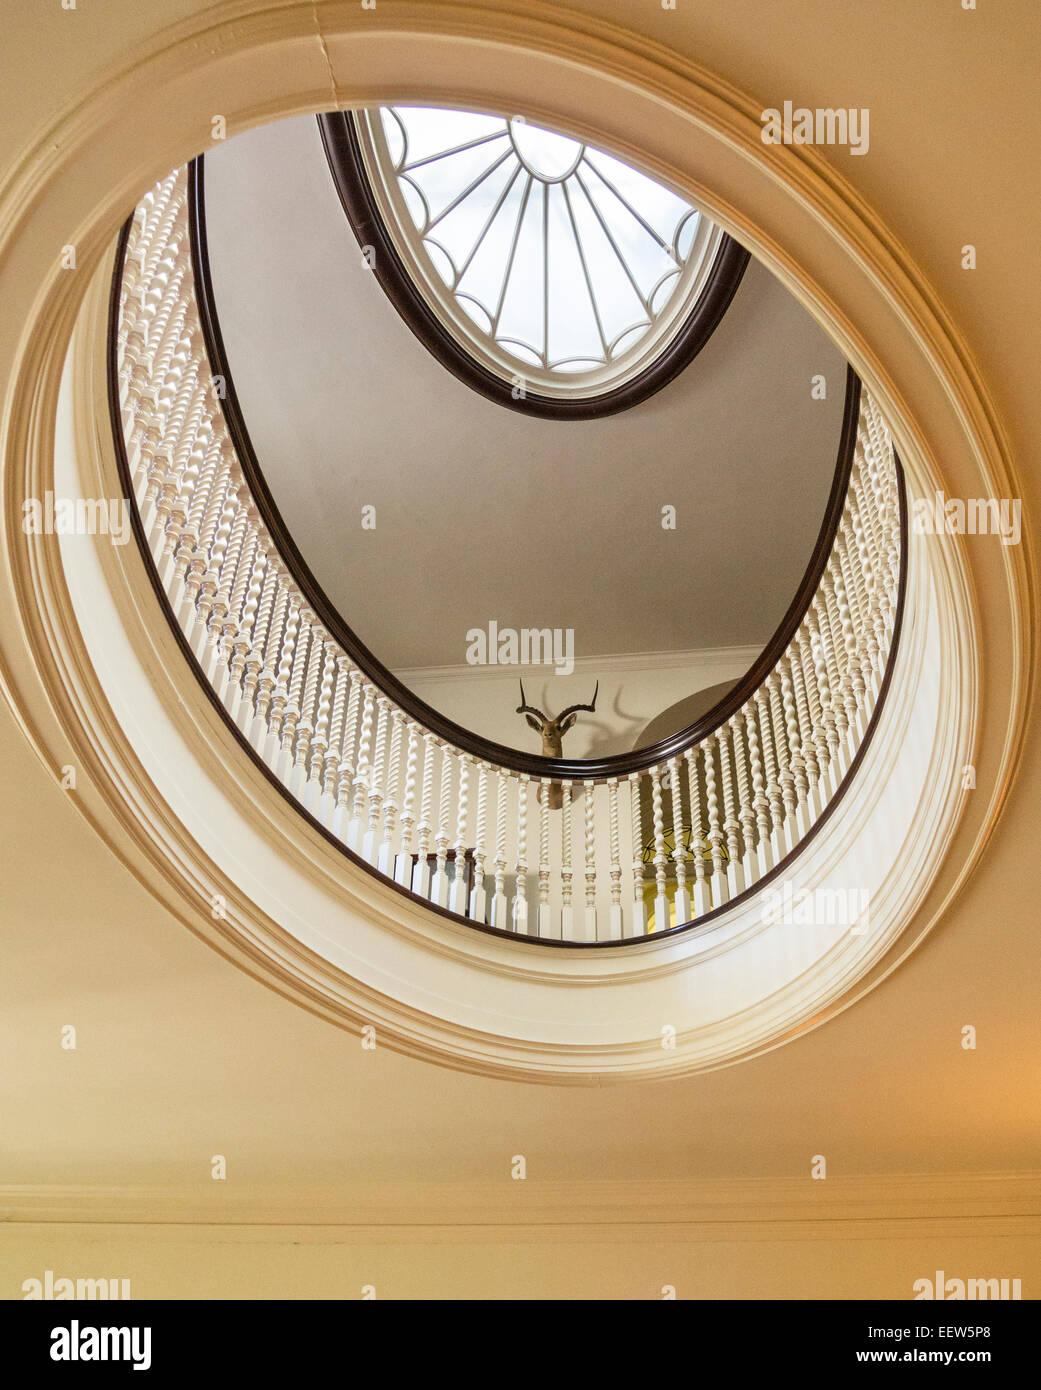 Balkon Und Dachfenster Uber Der Grossen Treppe Eine Doppelte Oval